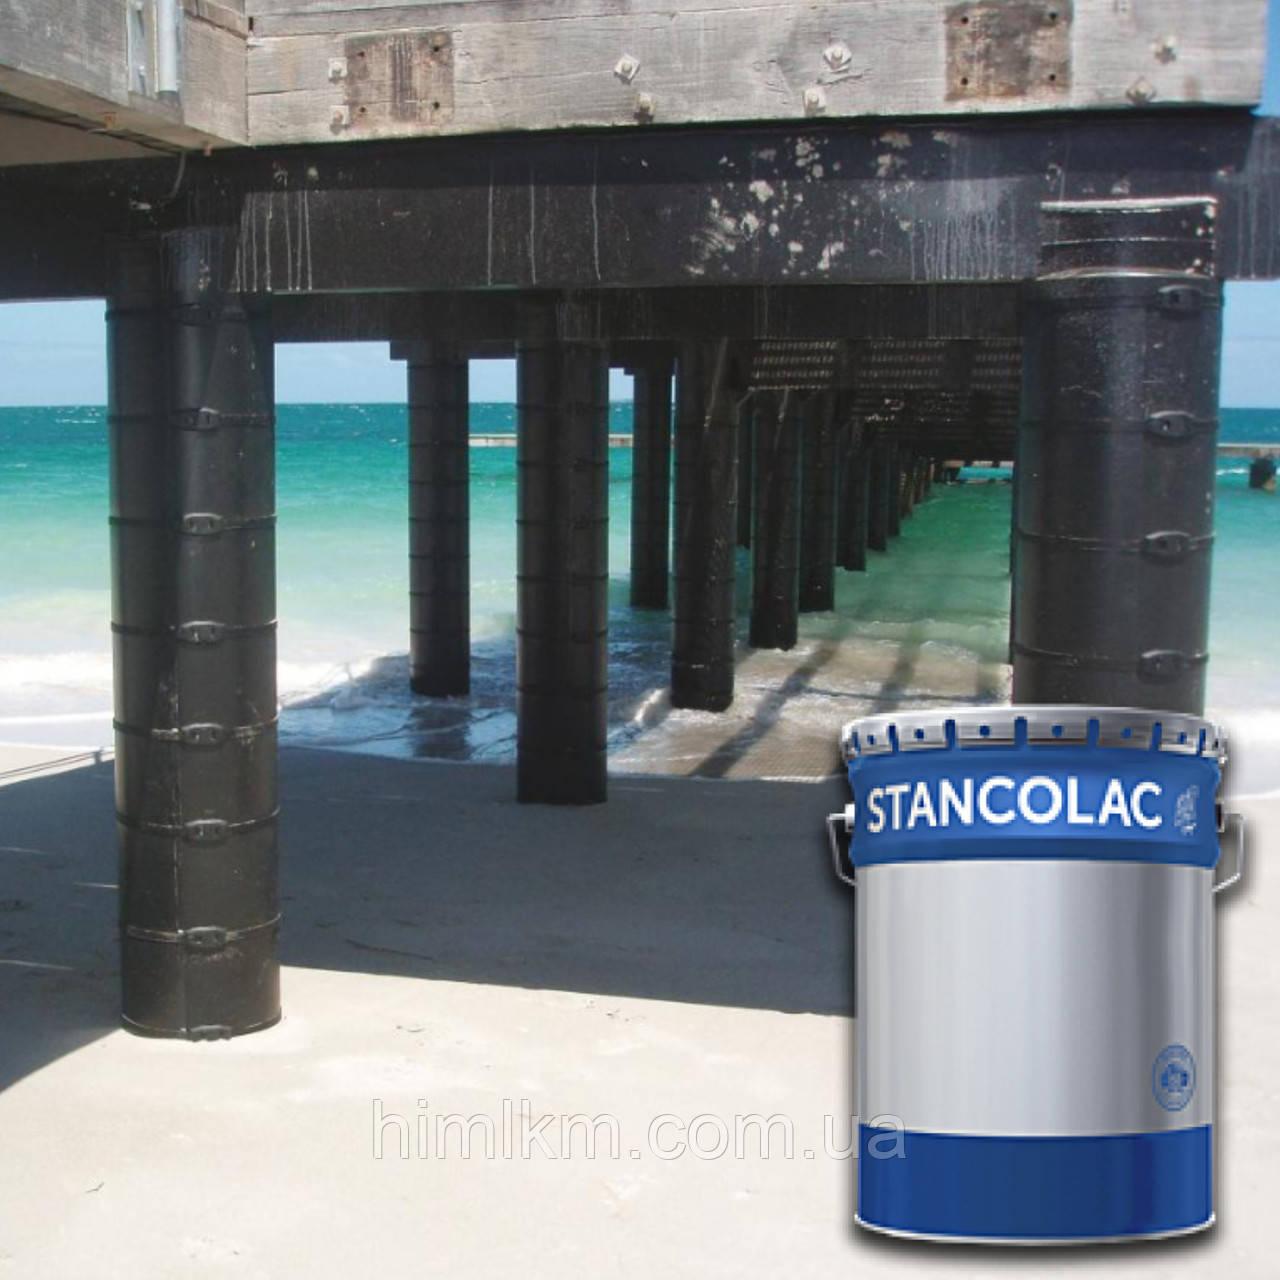 Краска 960 по бетону и металлу каменноугольная для подземных и подводных металлоконструкций, свай, цистерн